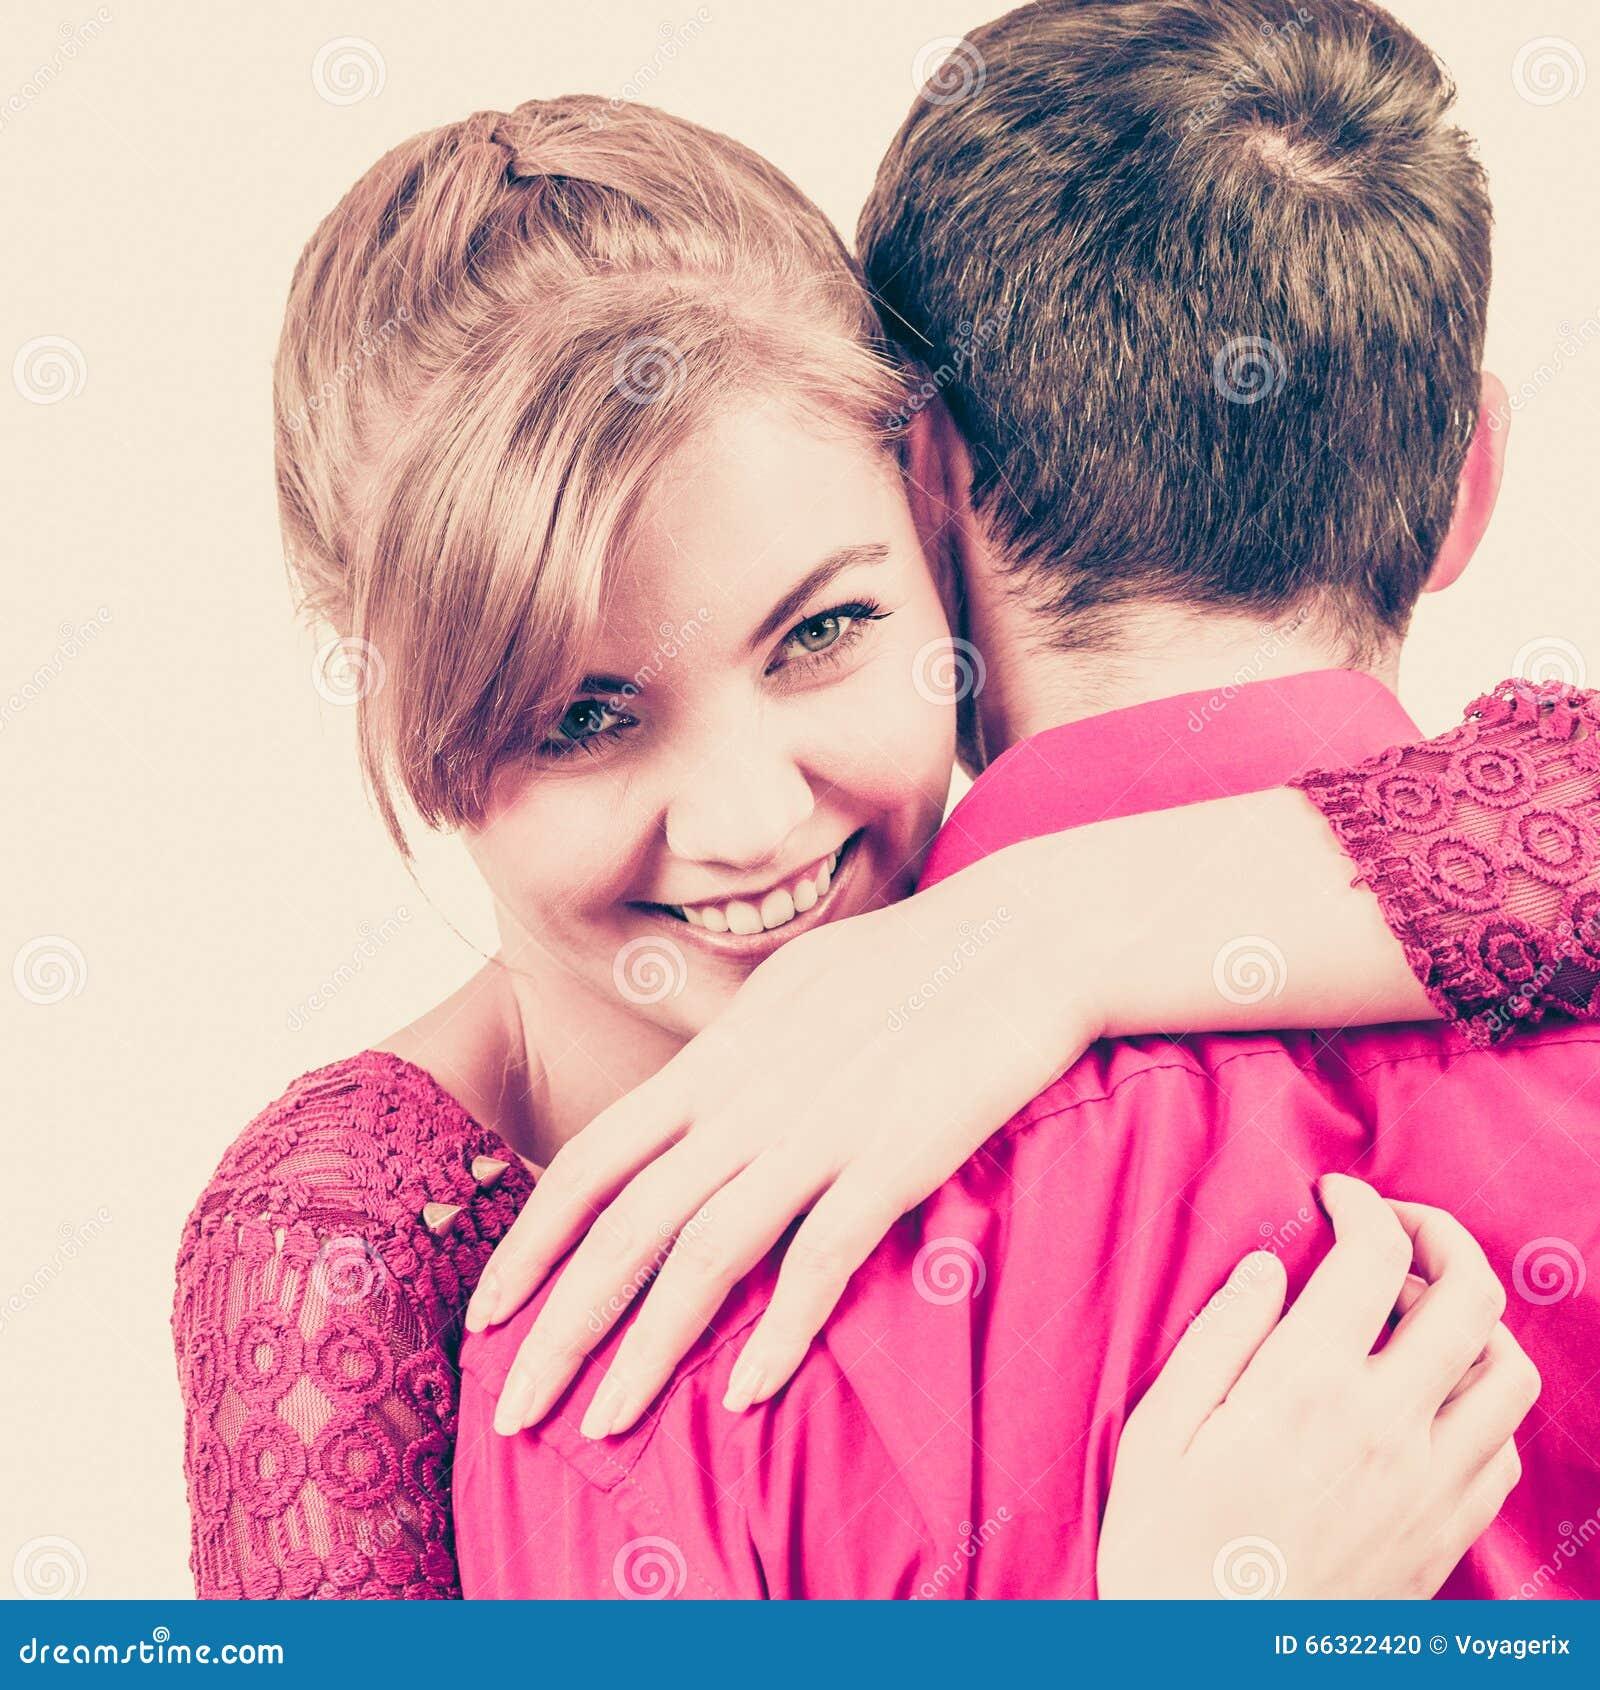 how a girl should hug a guy